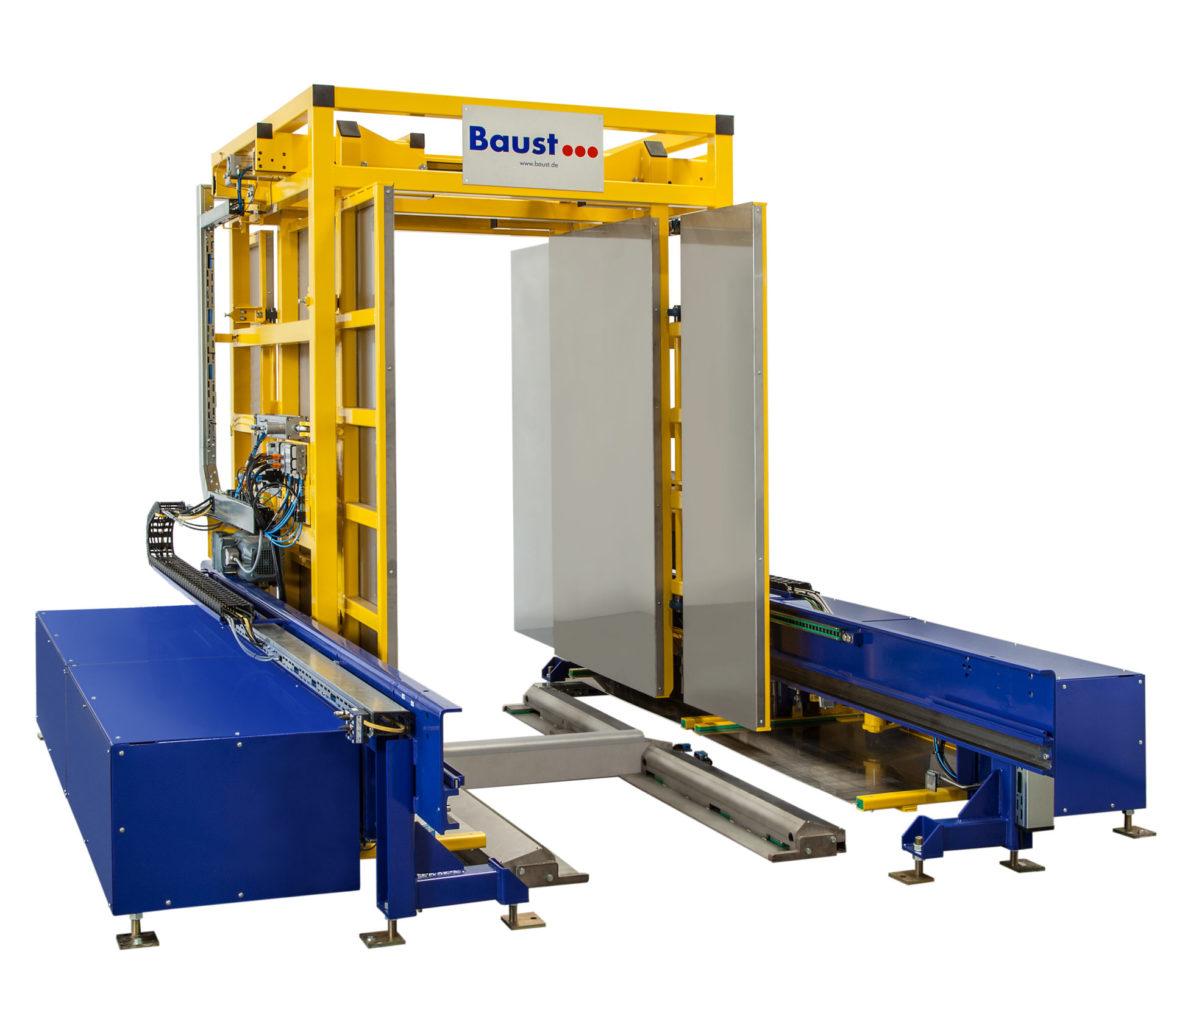 Palettenwechsler Pw 3000 Palettenwender Materialflusssysteme Baust 5685 Weiß